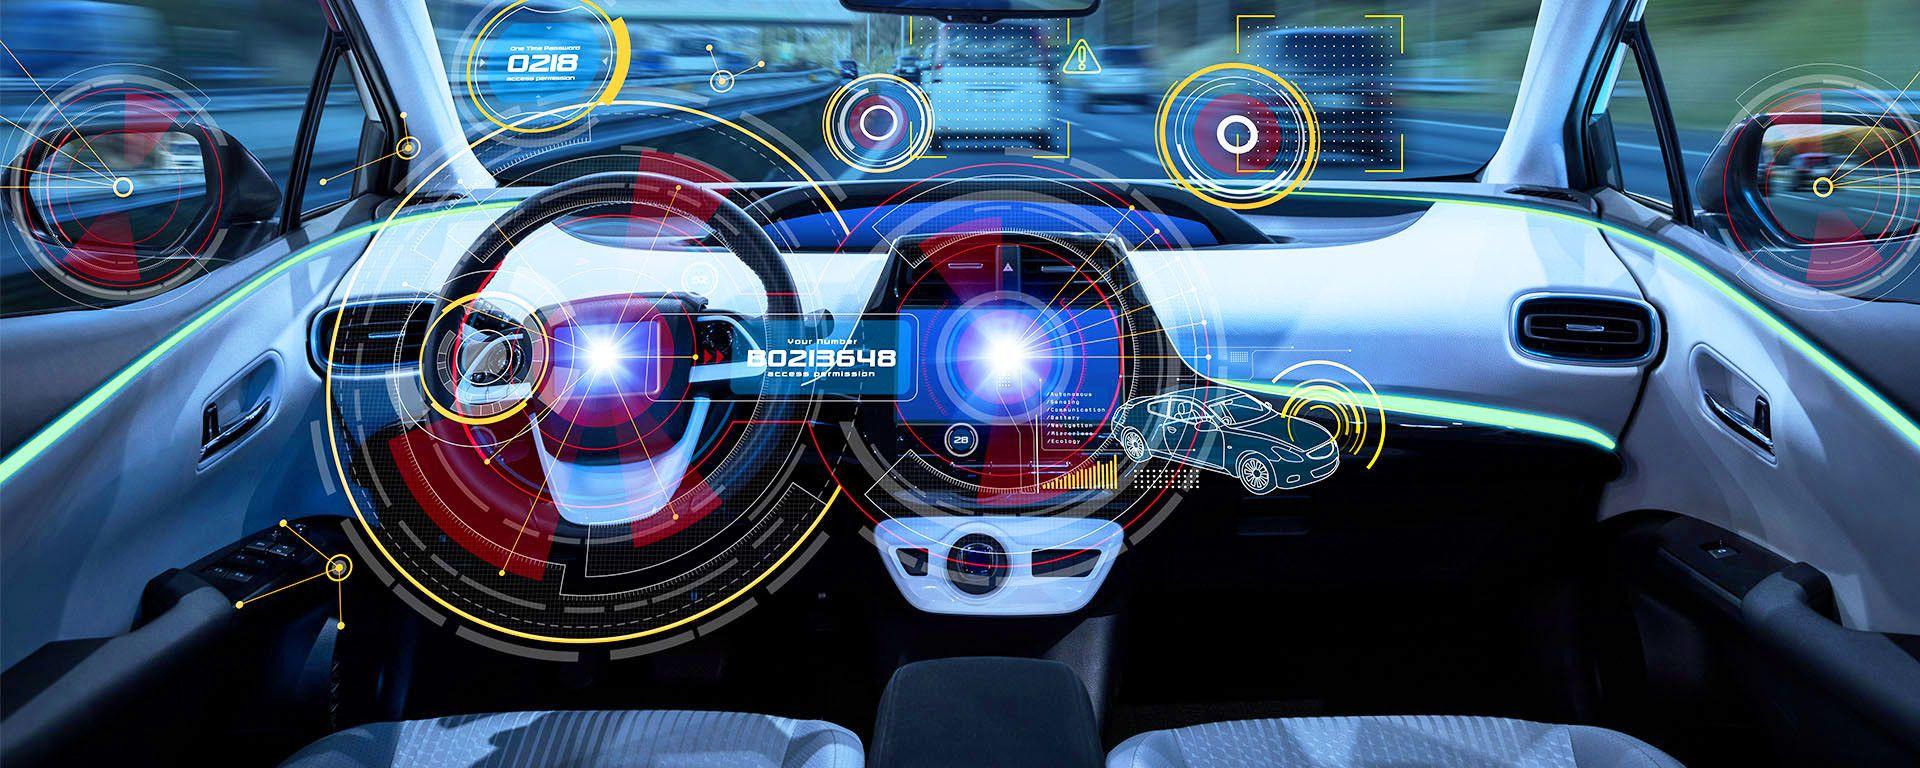 Auto connessa: i rischi dell'IoT